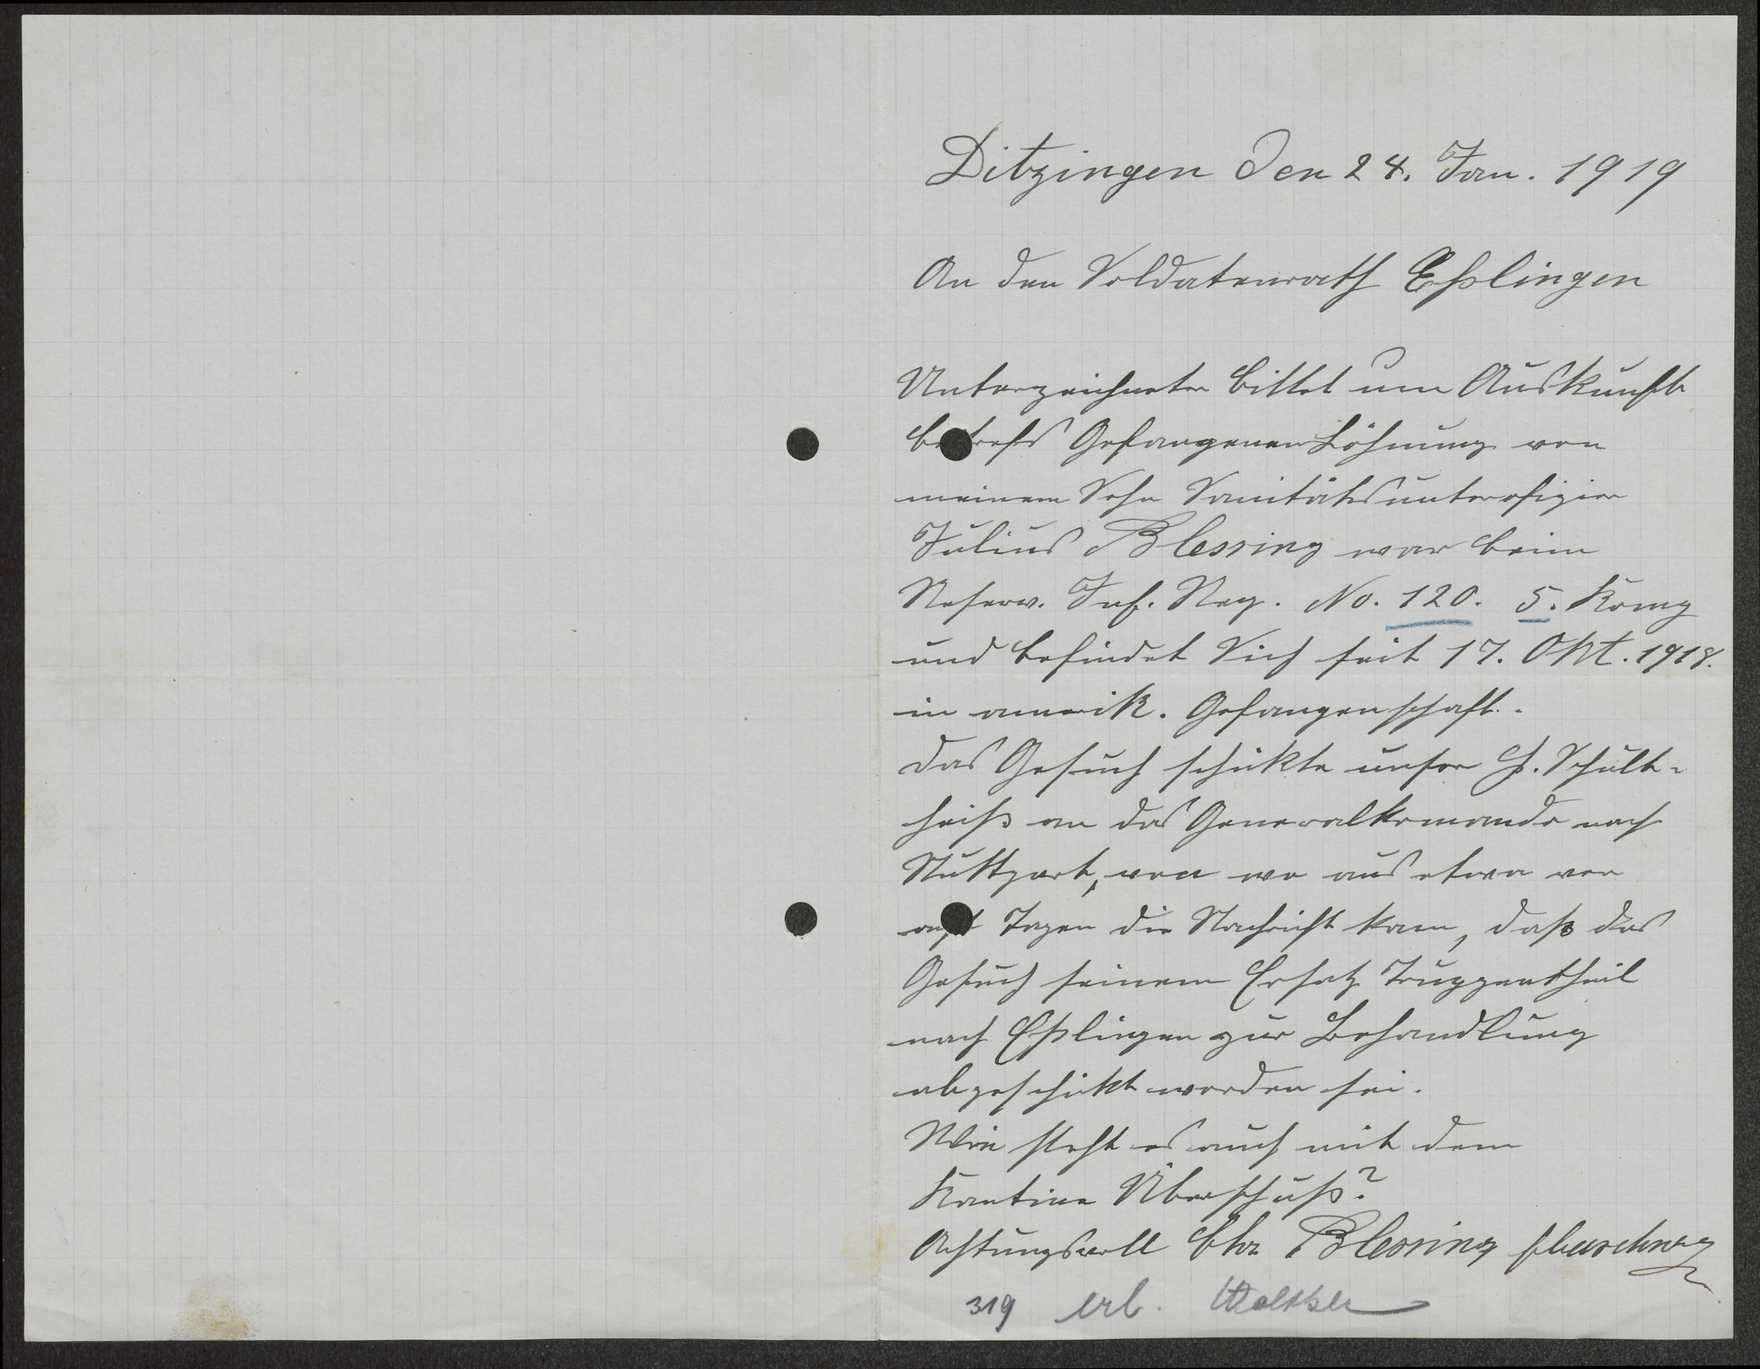 Regelung der Gefangenenlöhnung für einzelne Angehörige des Reserve-Infanterie-Regiments Nr. 120, Bild 2